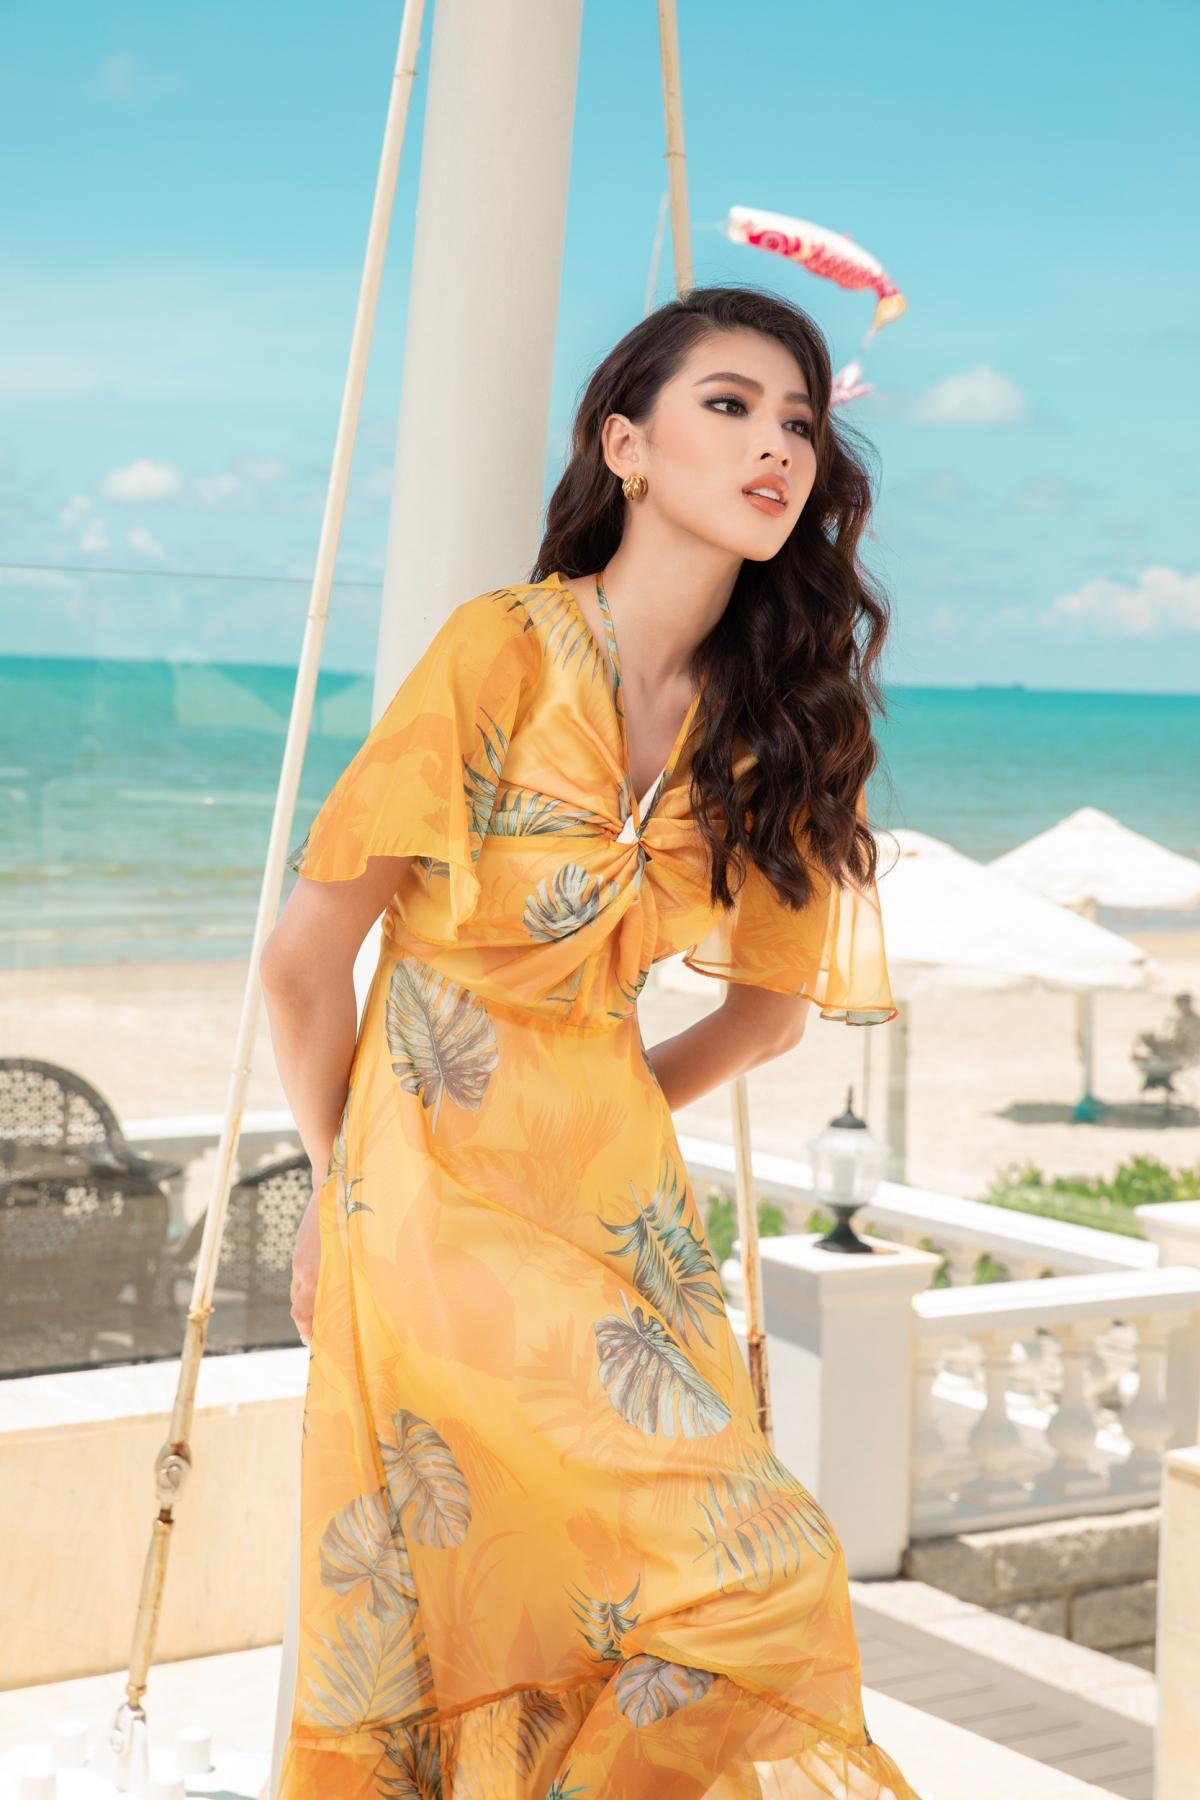 Có thể nói đầm đi biển trễ vai màu rực rỡ là những thiết kế luôn phải nằm sẵn trong vali của các nàng khi chuẩn bị cho những chuyến đi mùa hè.